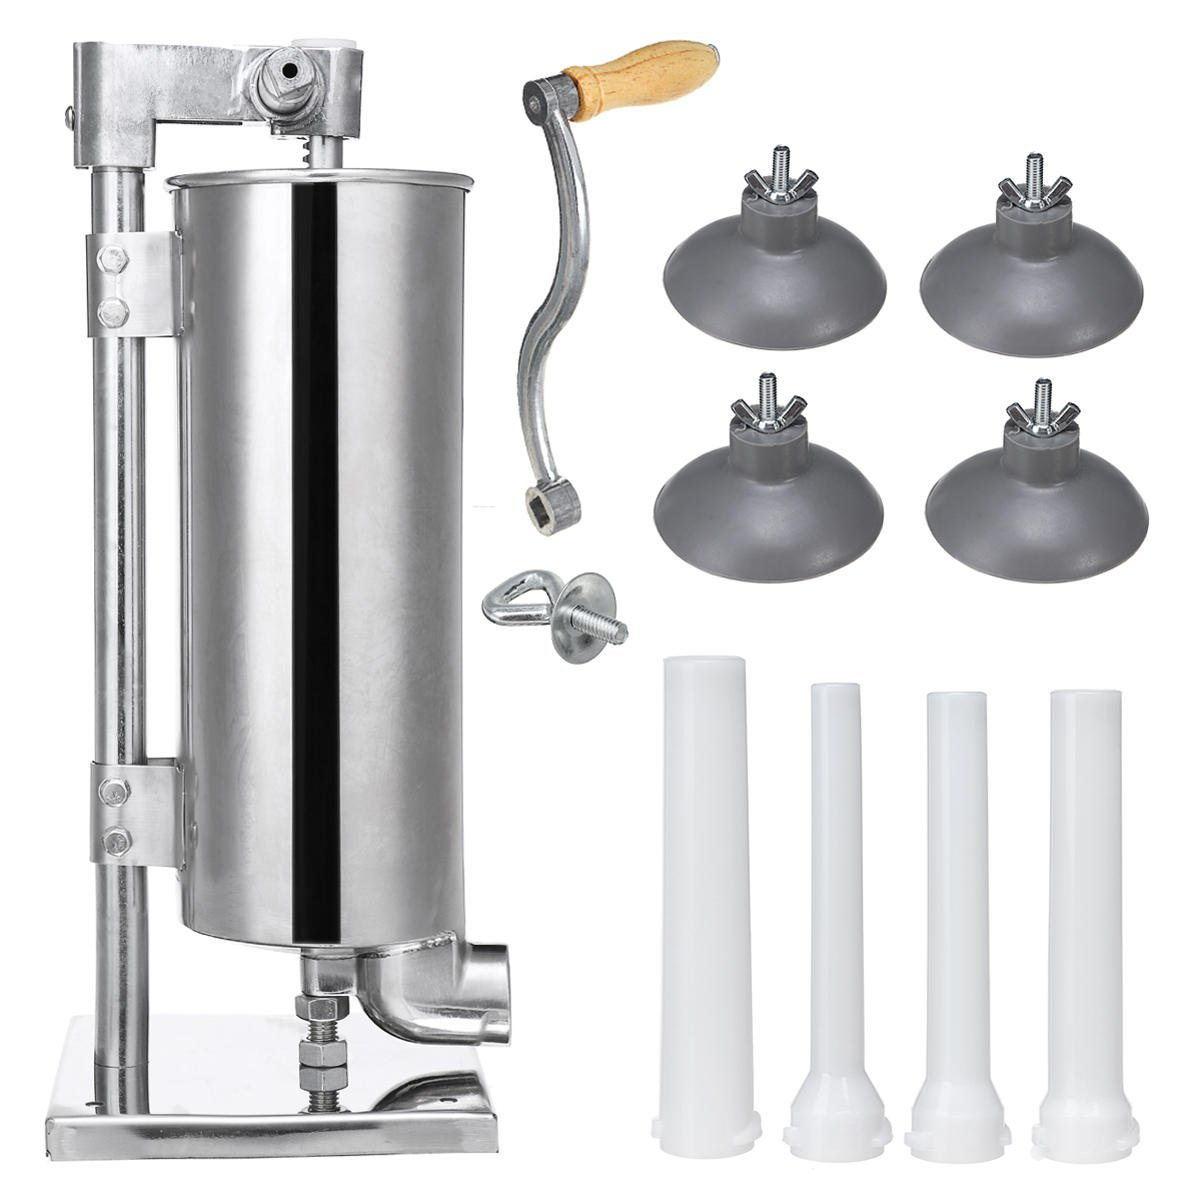 Vertical Sucker 4L Stainless Steel Sausage Filler Sausage Maker Sausage Syringe Meat Tool